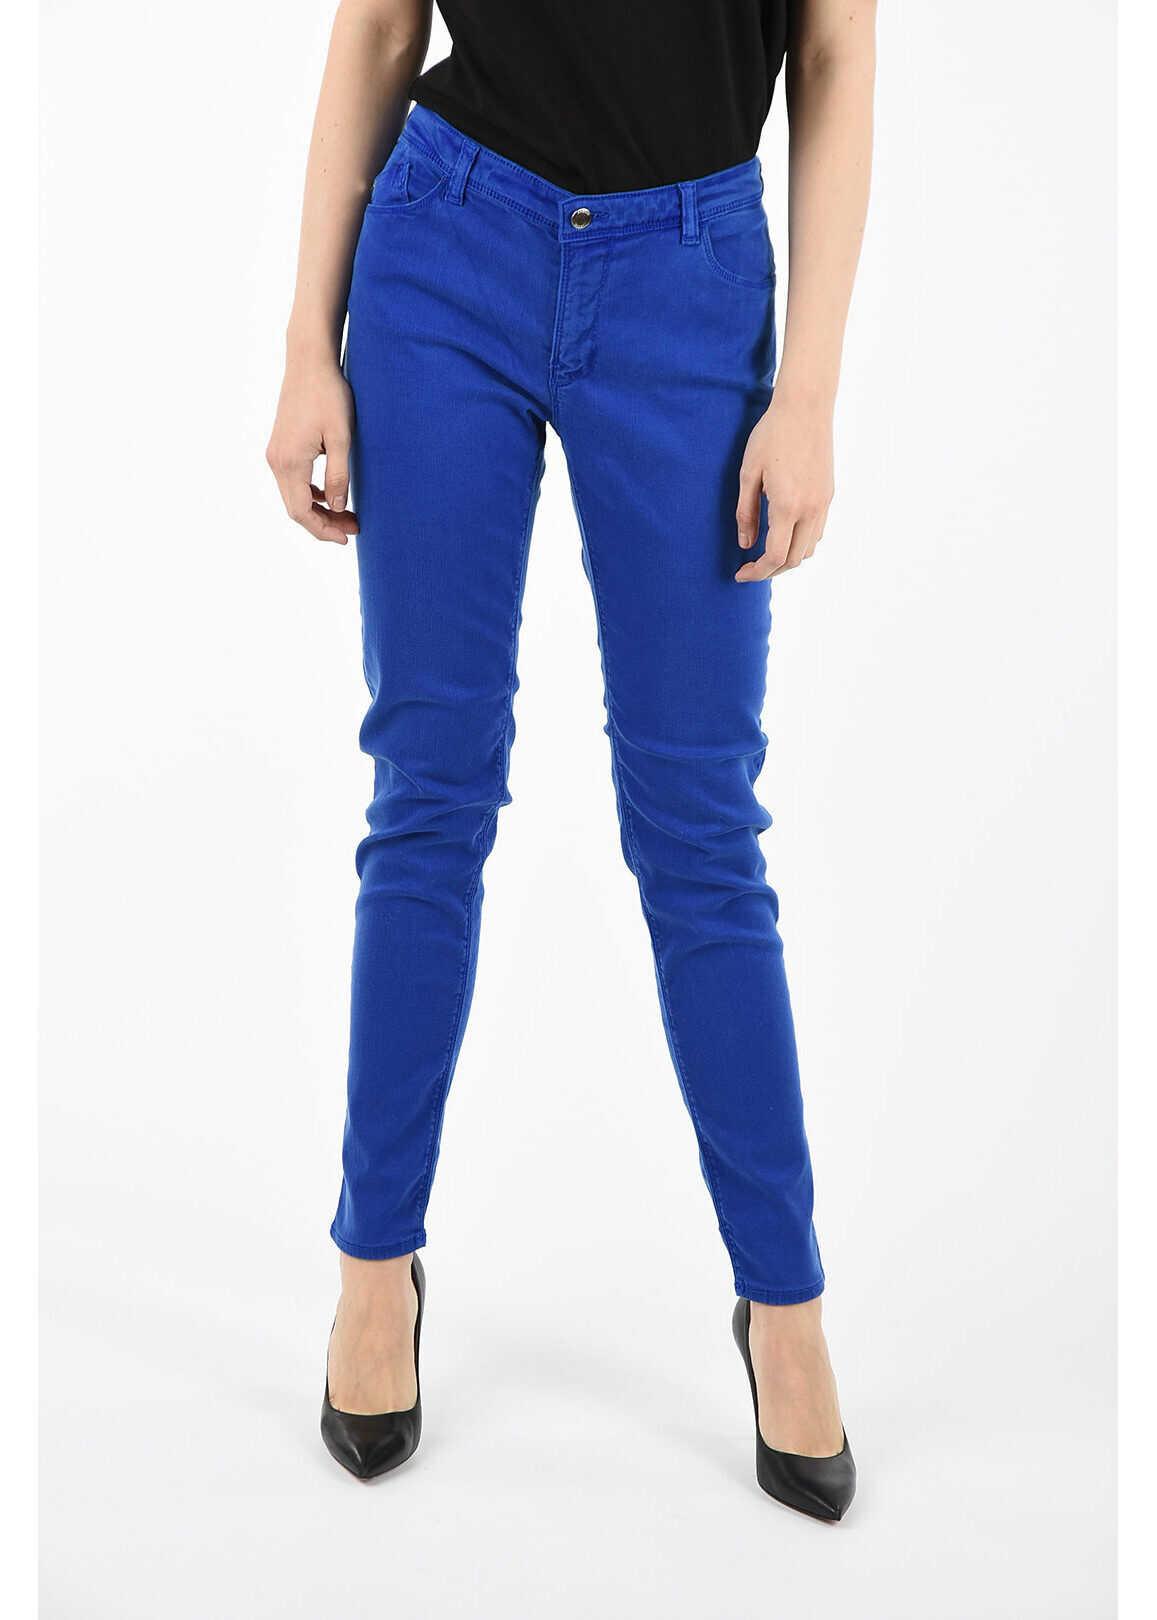 Armani ARMANI JEANS Skinny Fit Jeans BLUE